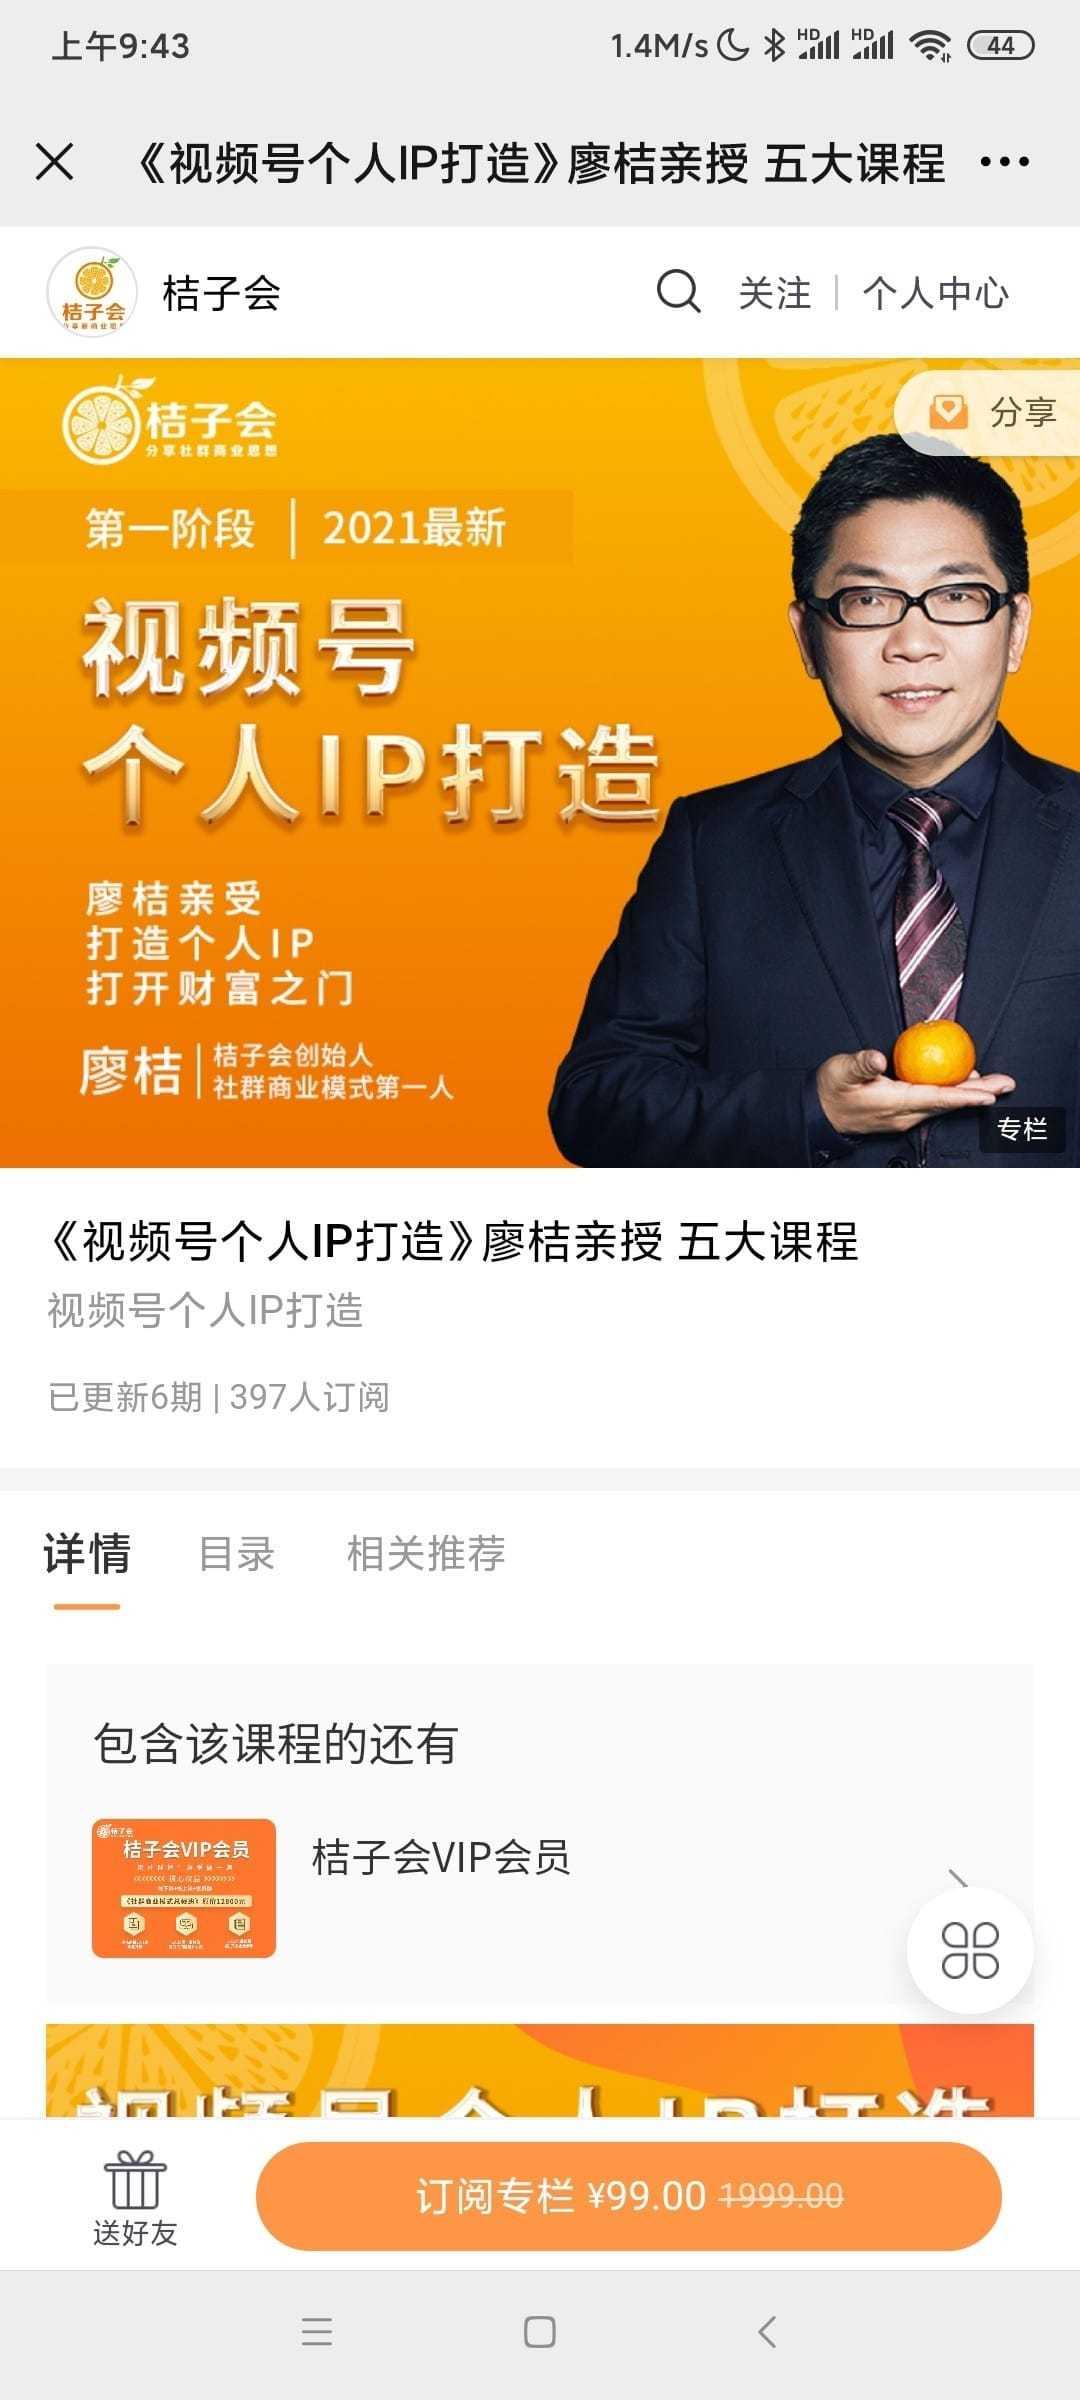 桔子会·视号频个人IP打造「完结」